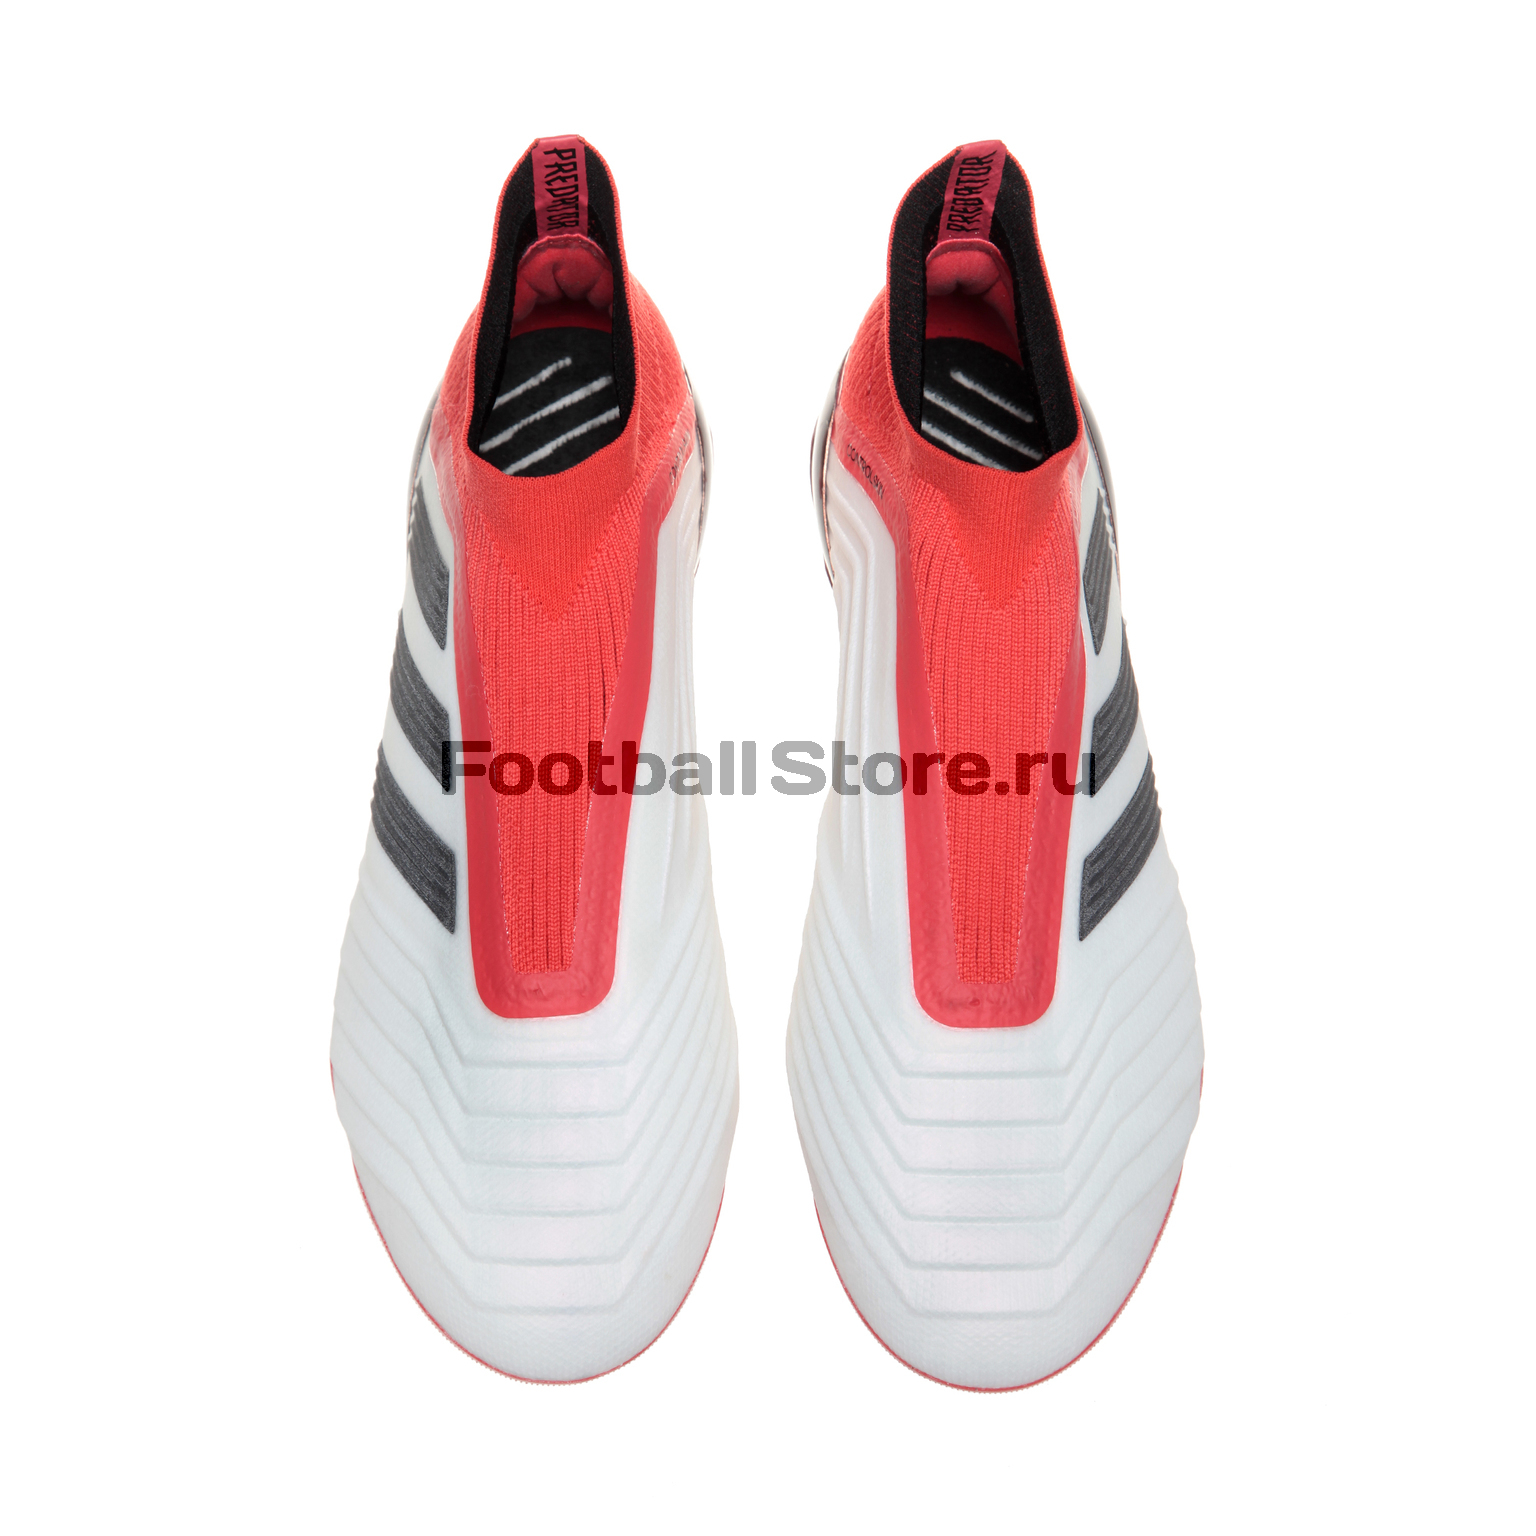 edb18cad975c Бутсы Adidas Predator 18+ FG CM7391 – купить бутсы в интернет ...